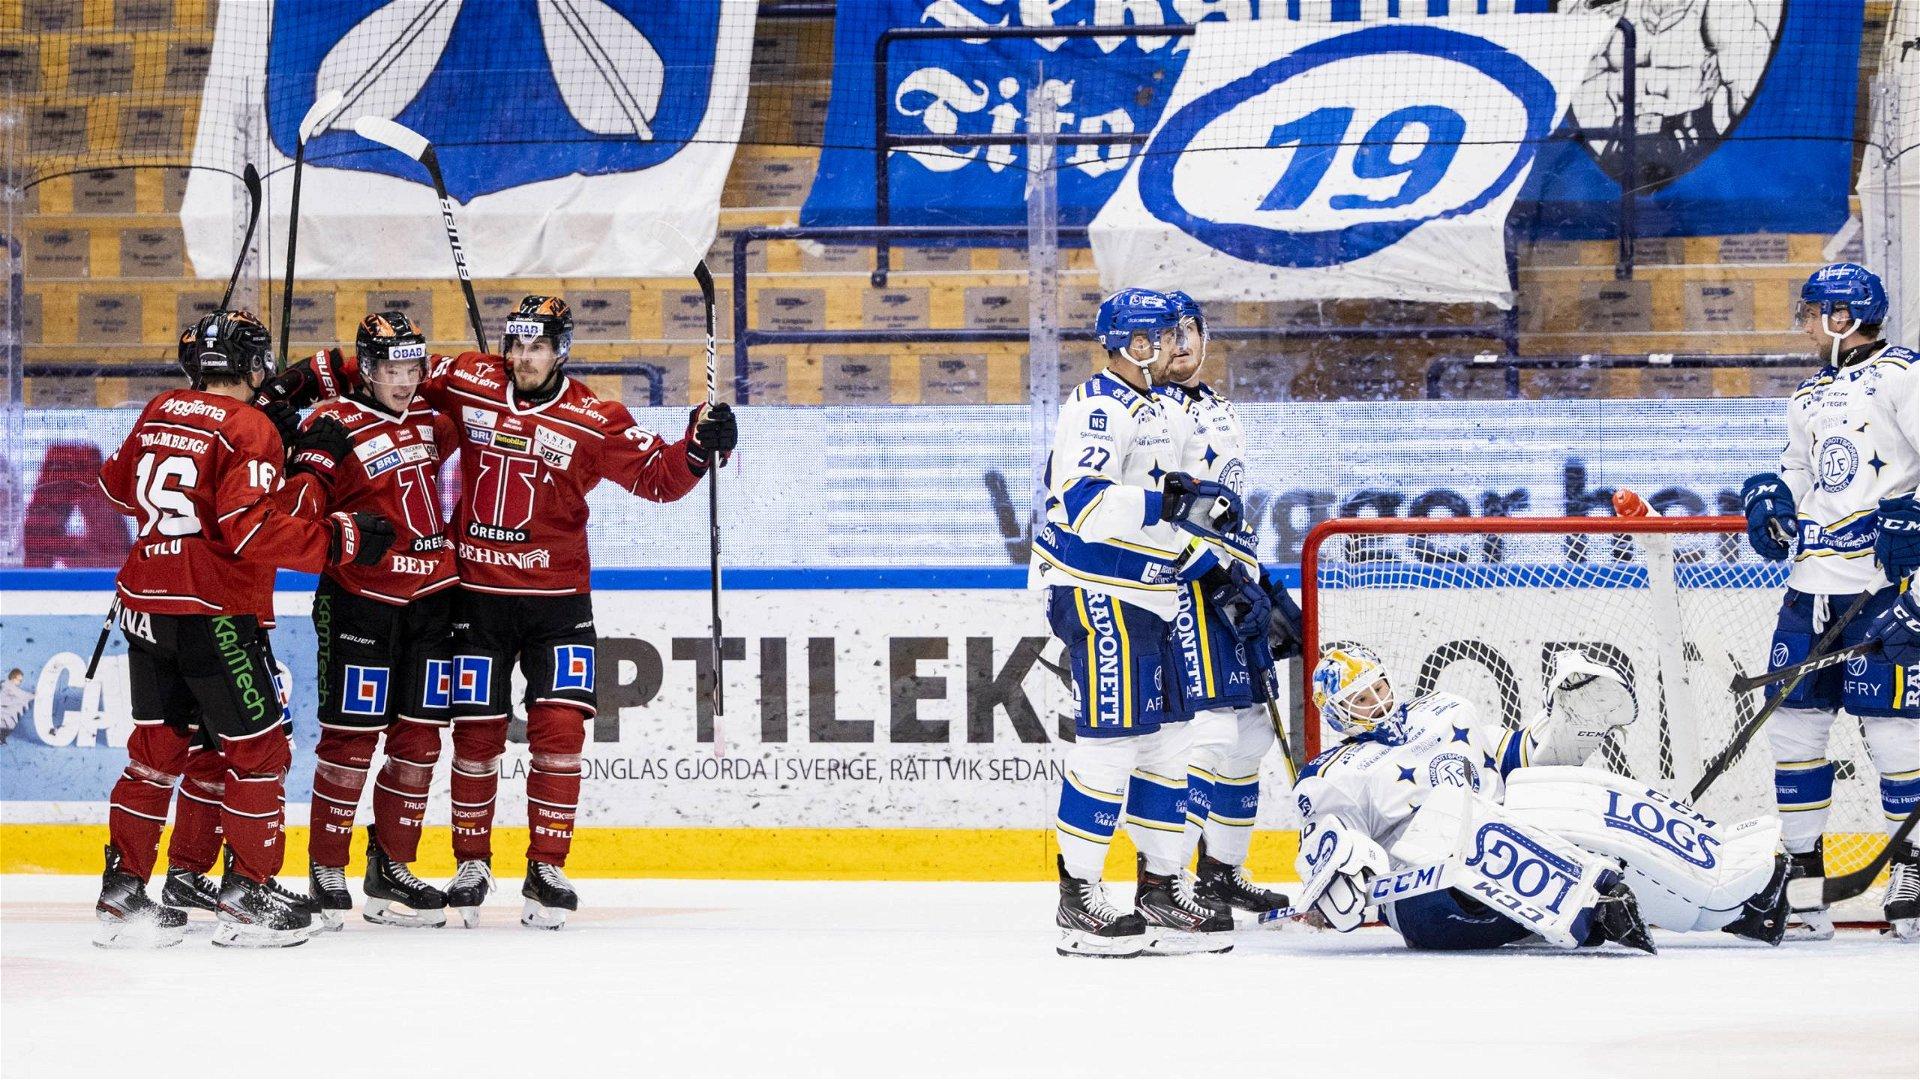 Linus Öbergs hattrick sänkte Leksand.